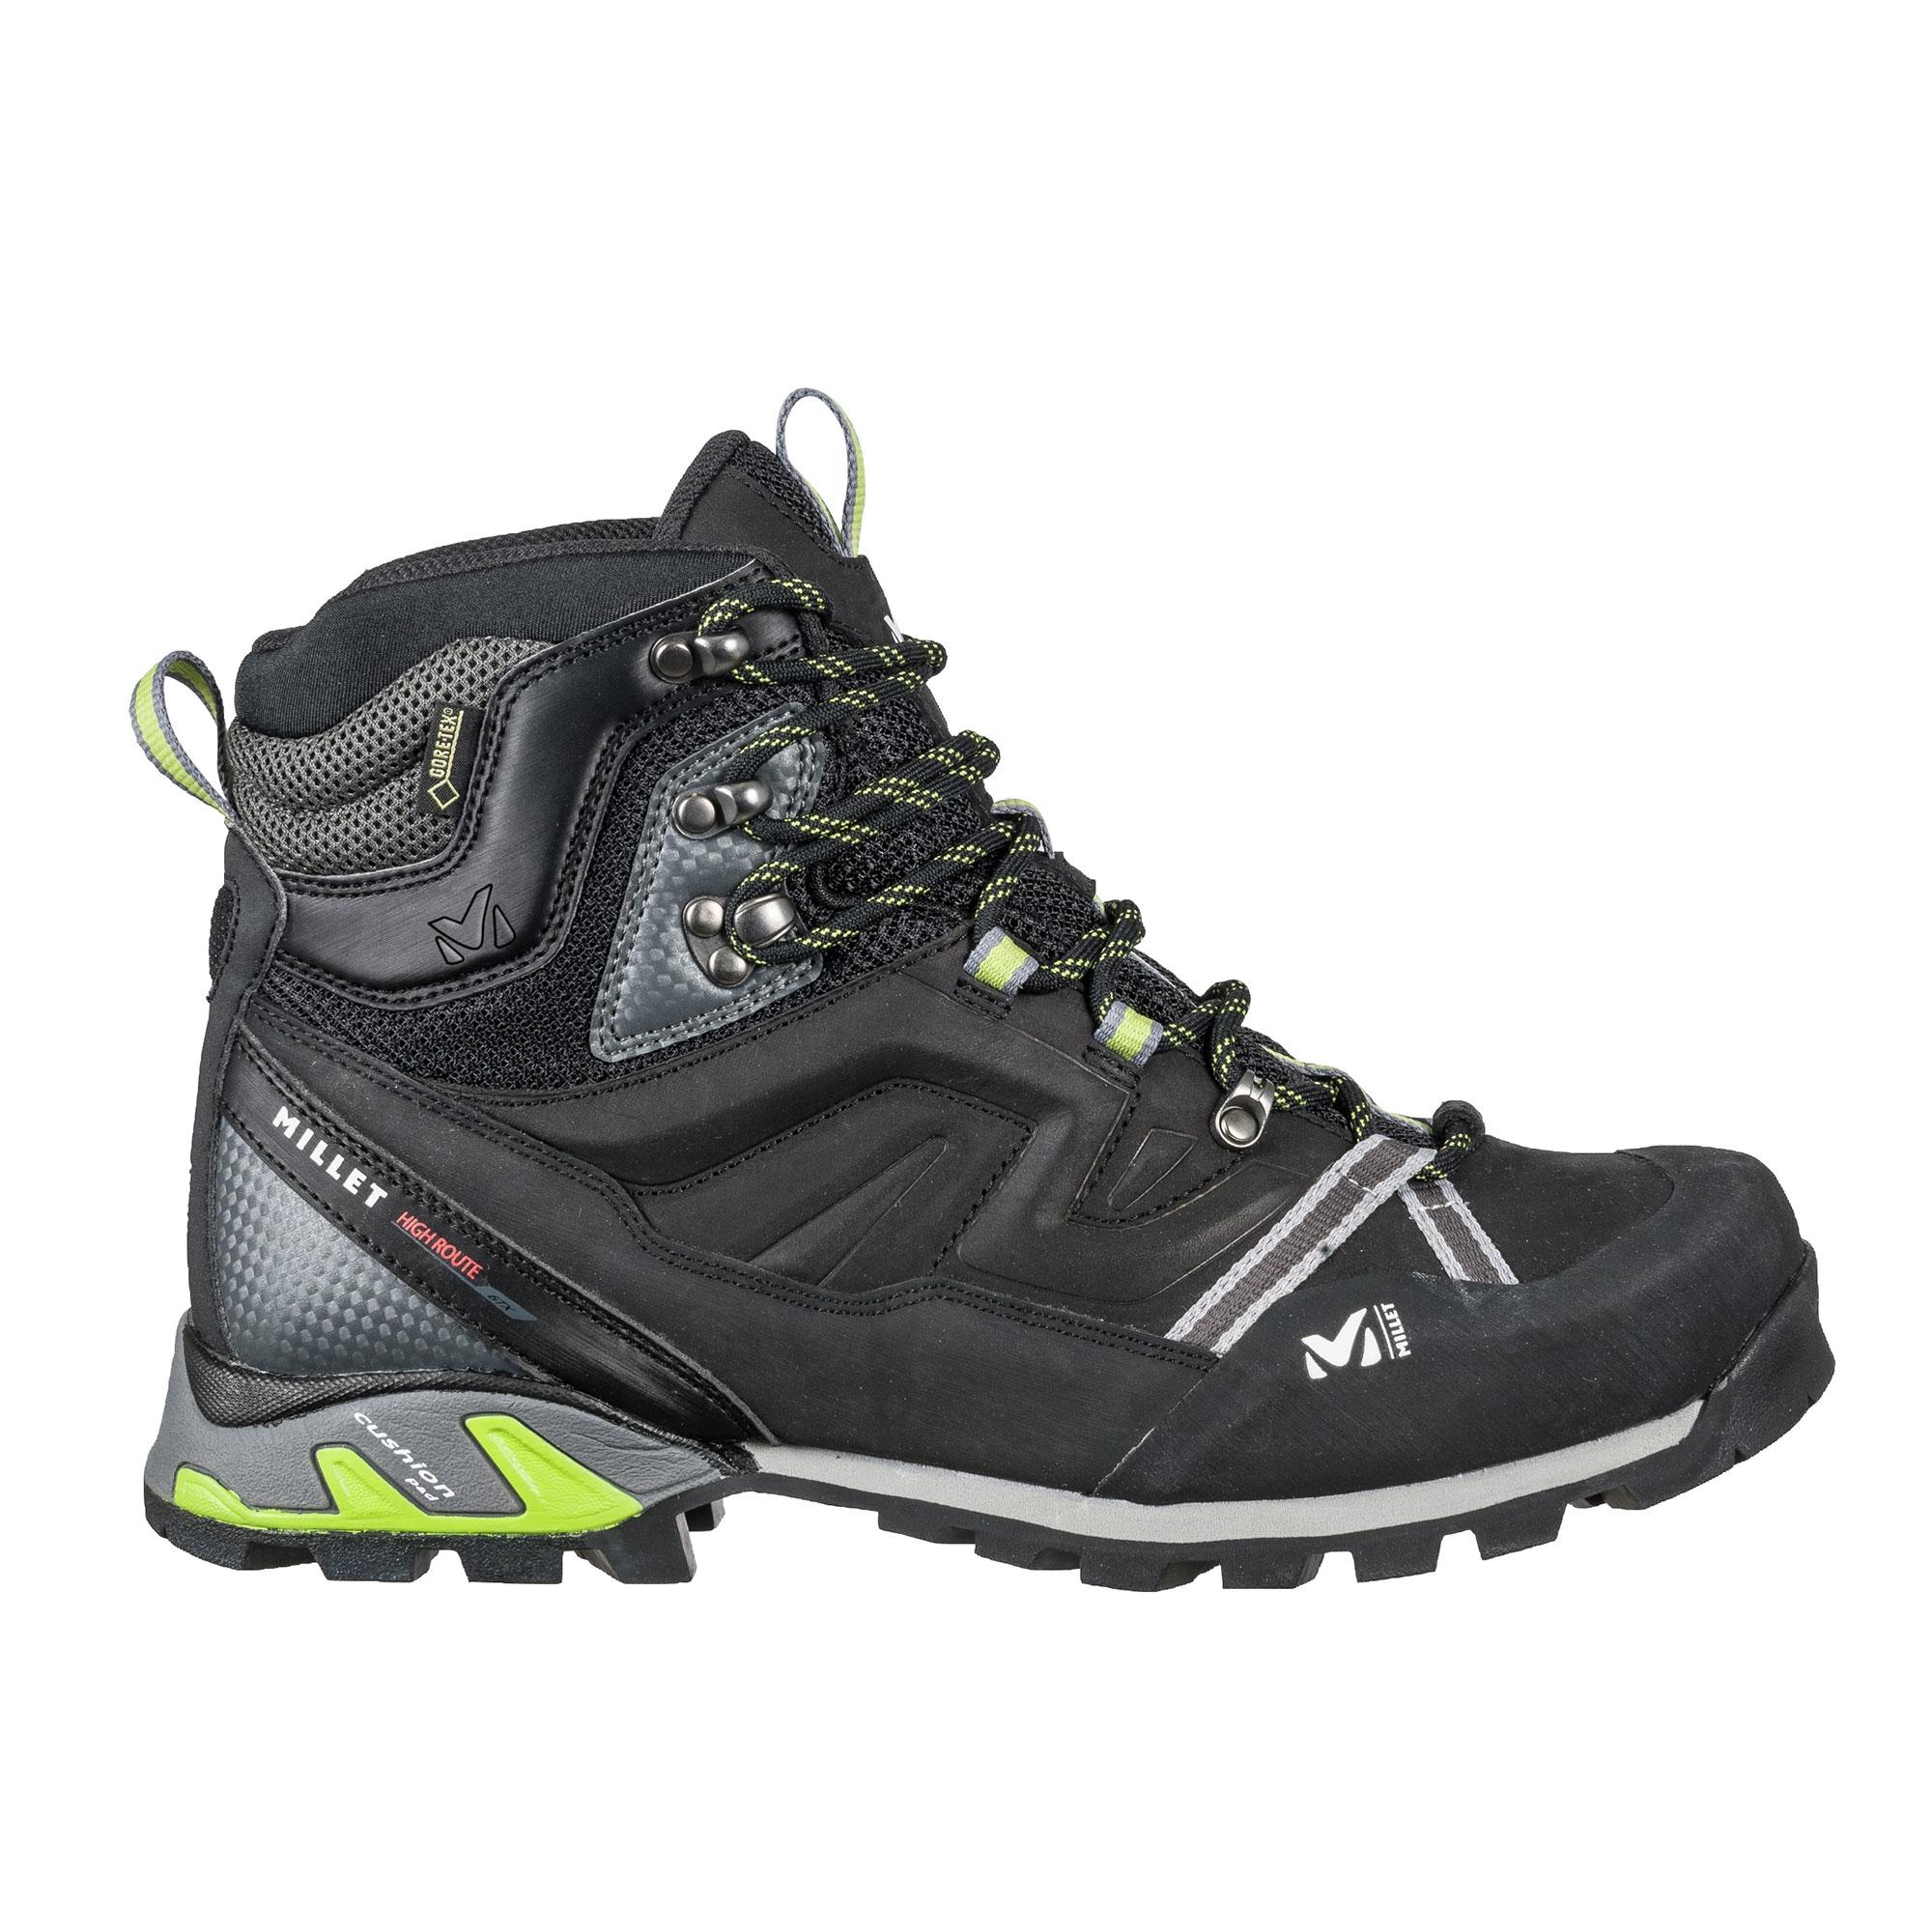 9de5293fc90 Chaussures randonnée homme - - PRECISION SKI